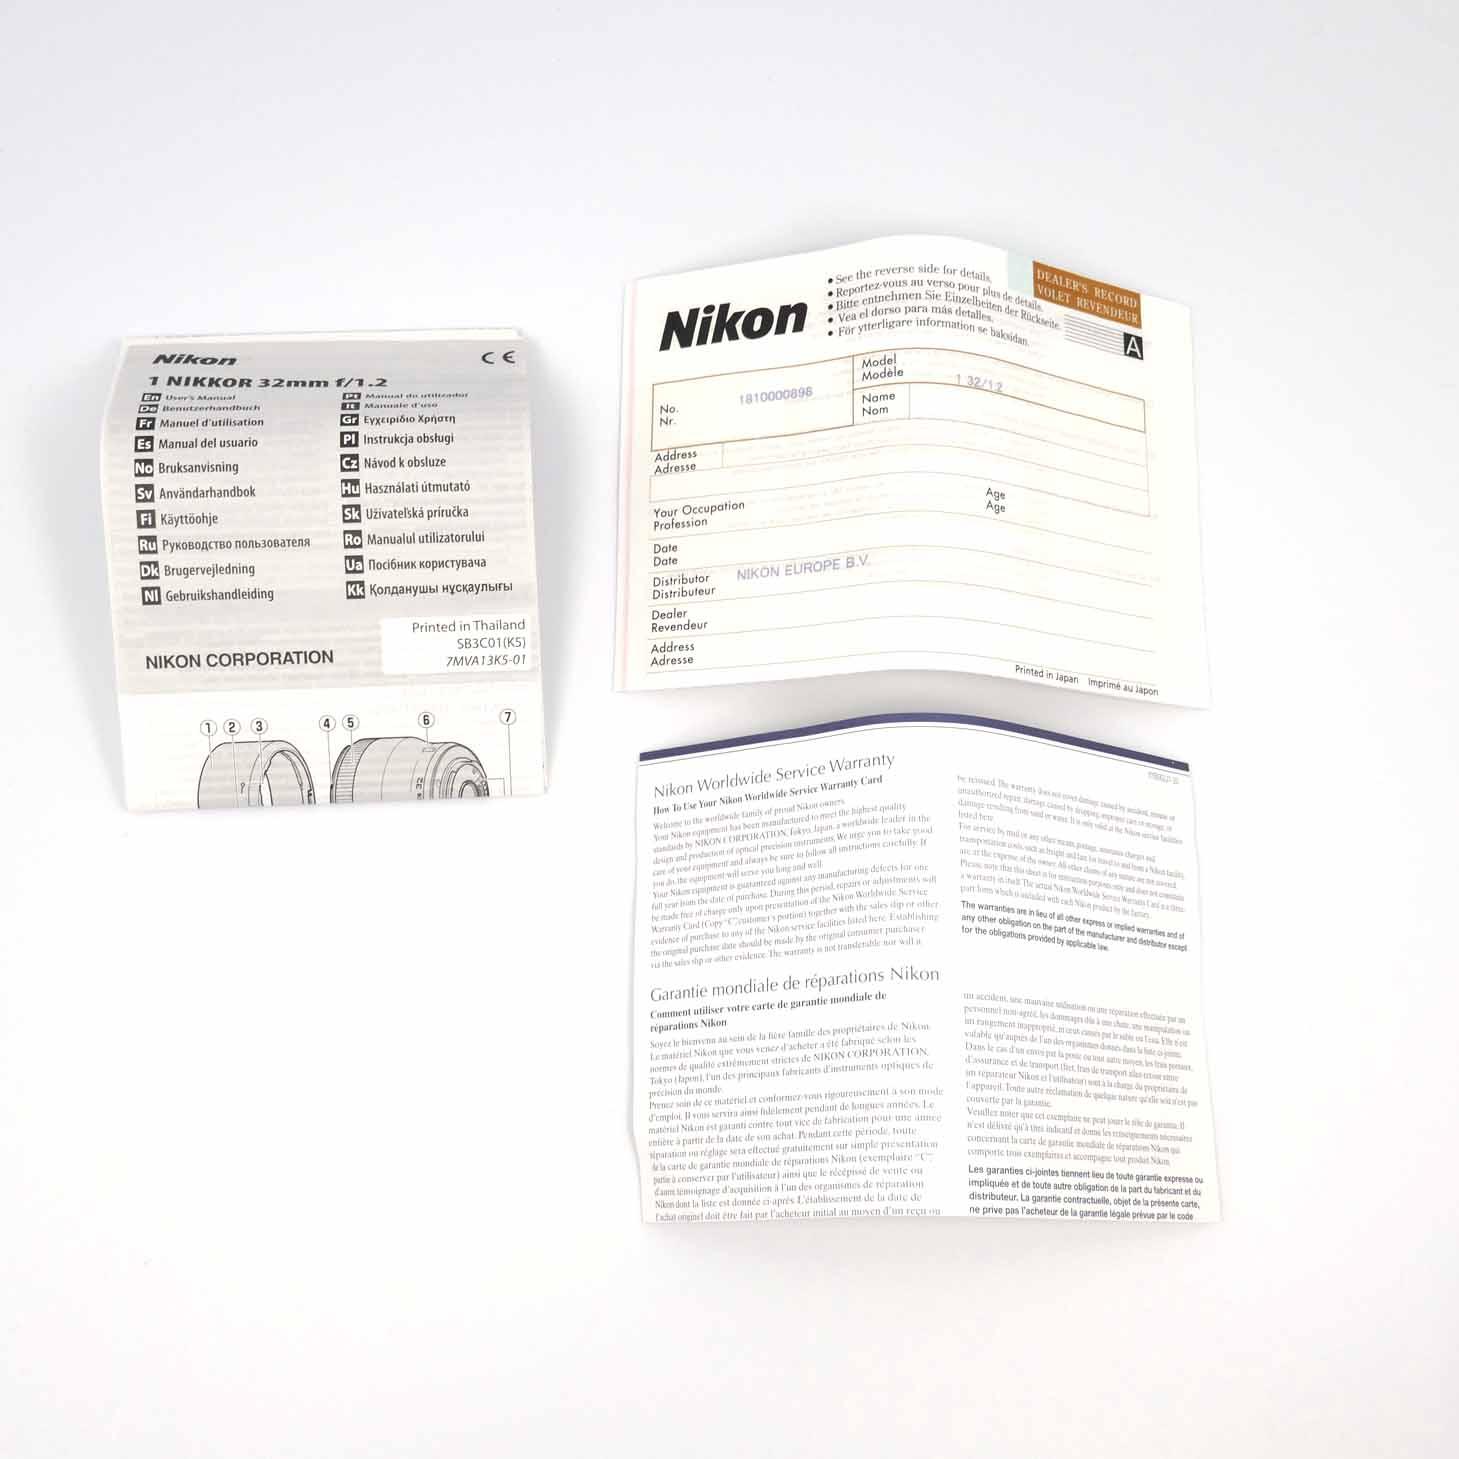 clean-cameras-Nikon-1-32mm_1.2-06